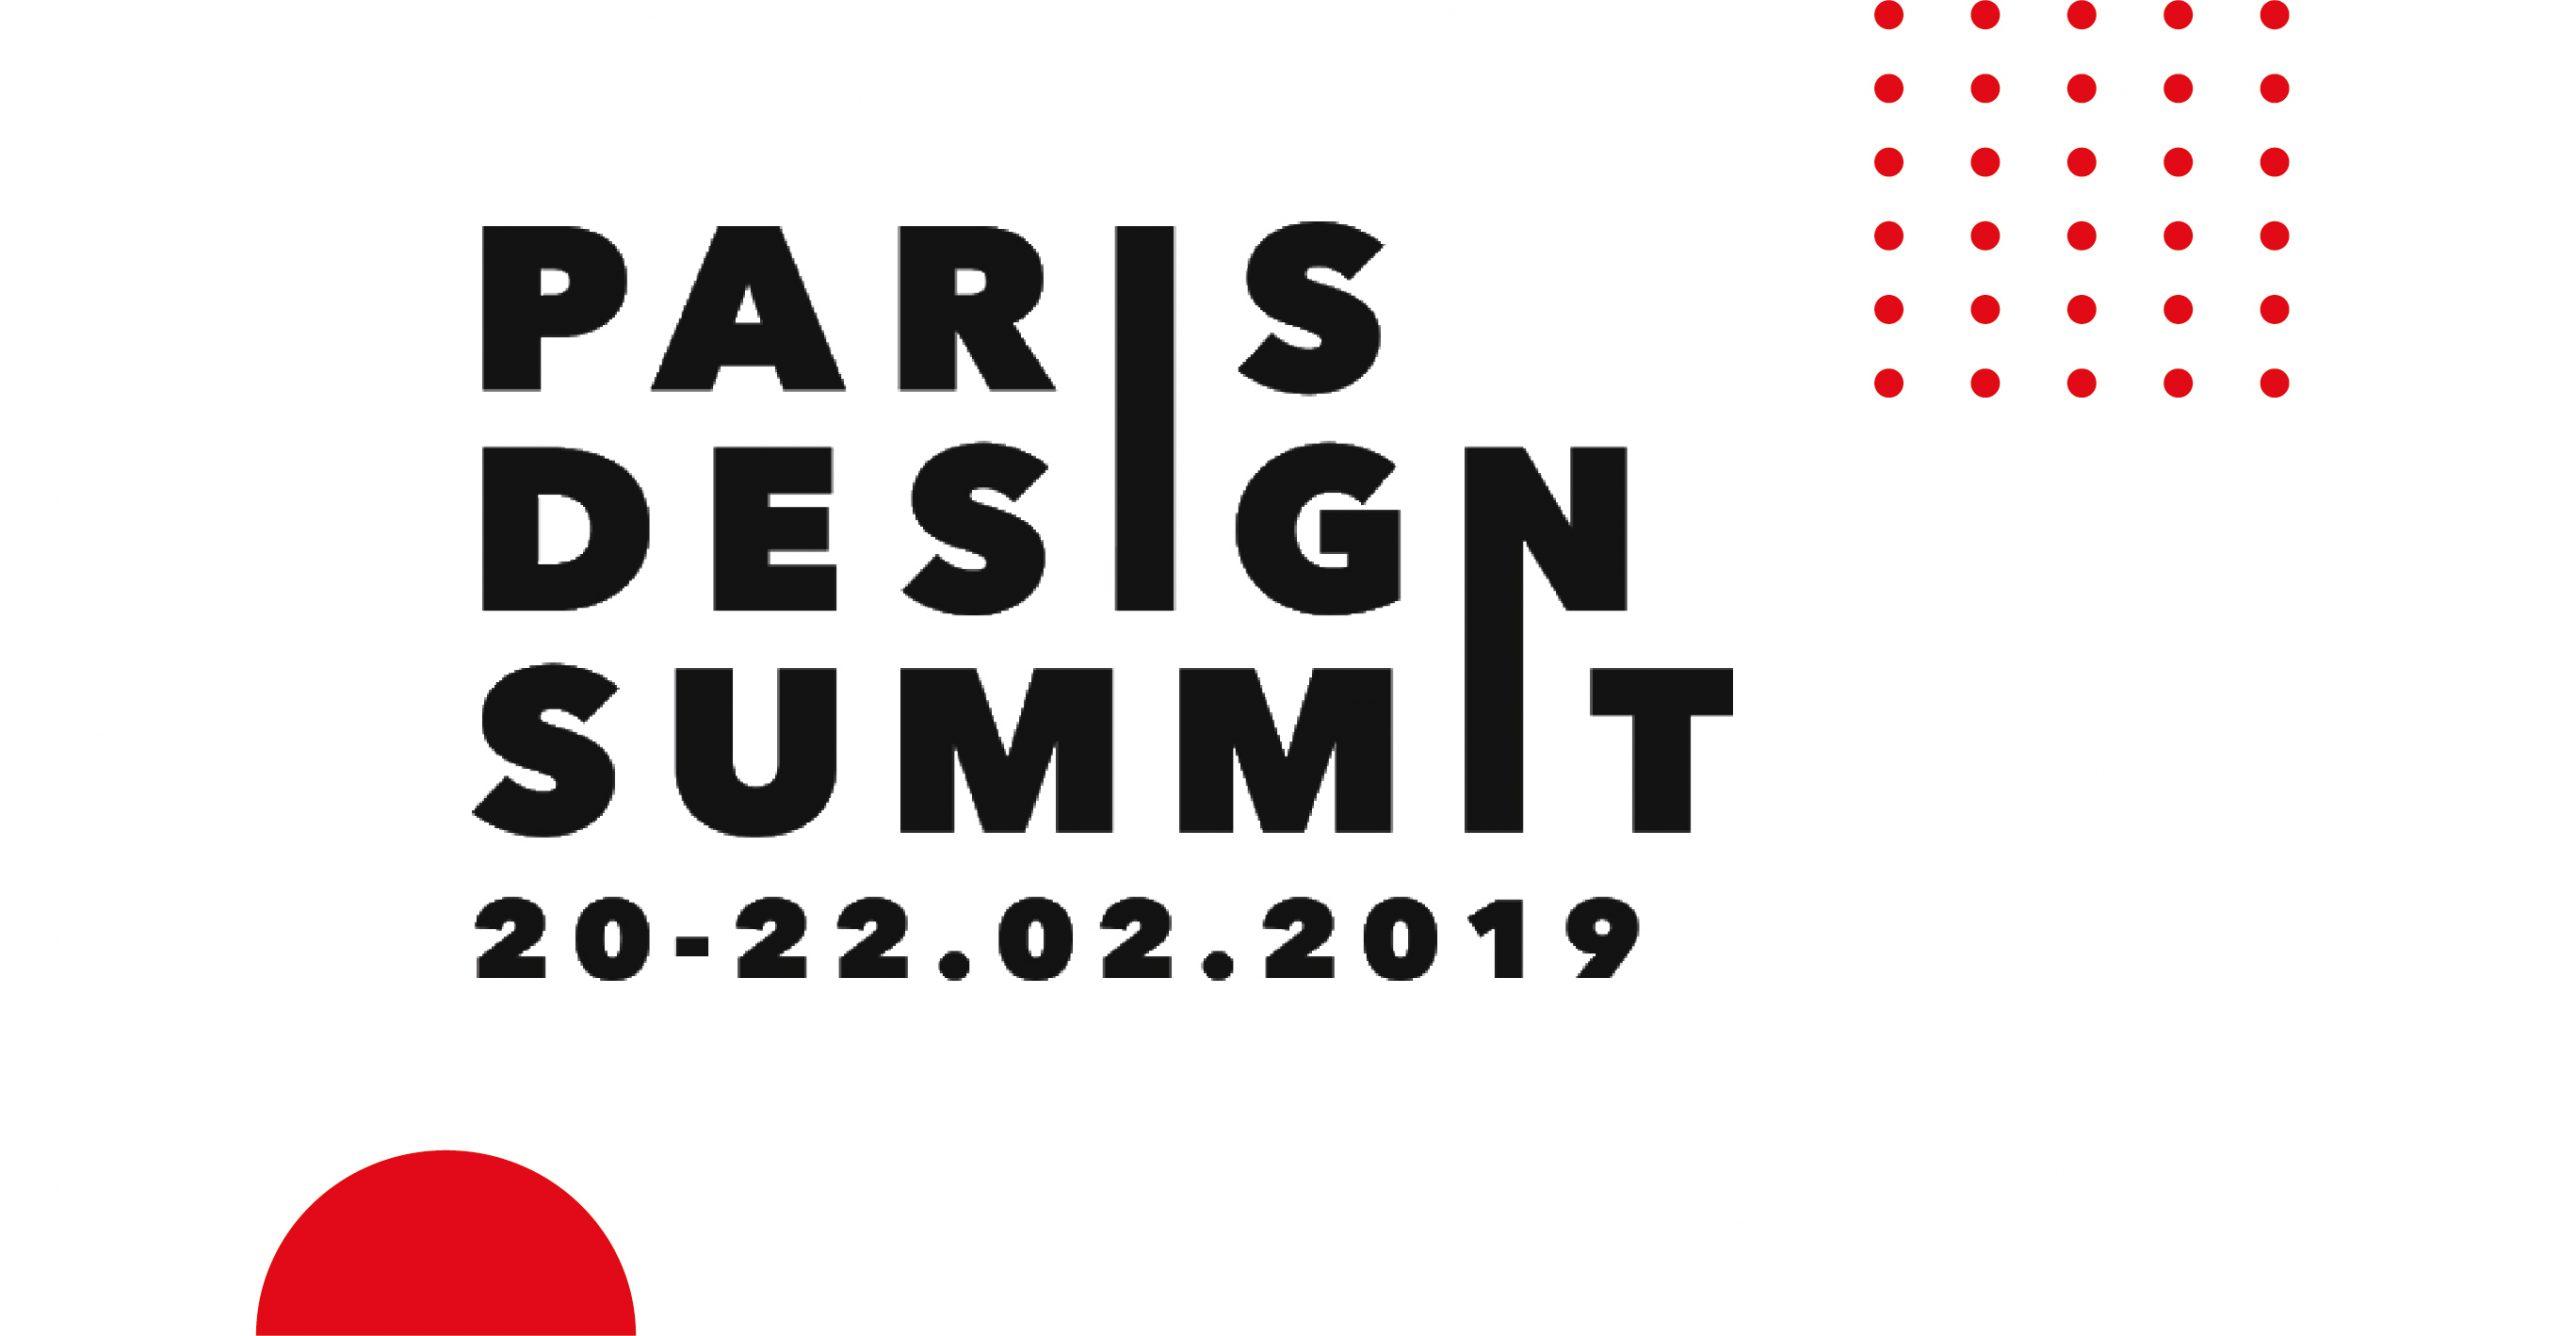 PARIS DESIGN SUMMIT 2019